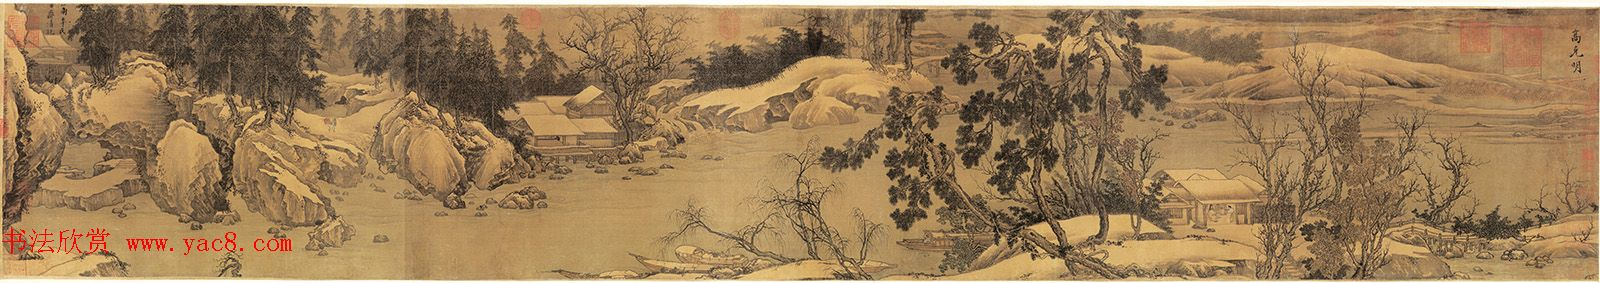 北宋高克明山水画《雪意图》附书法题跋